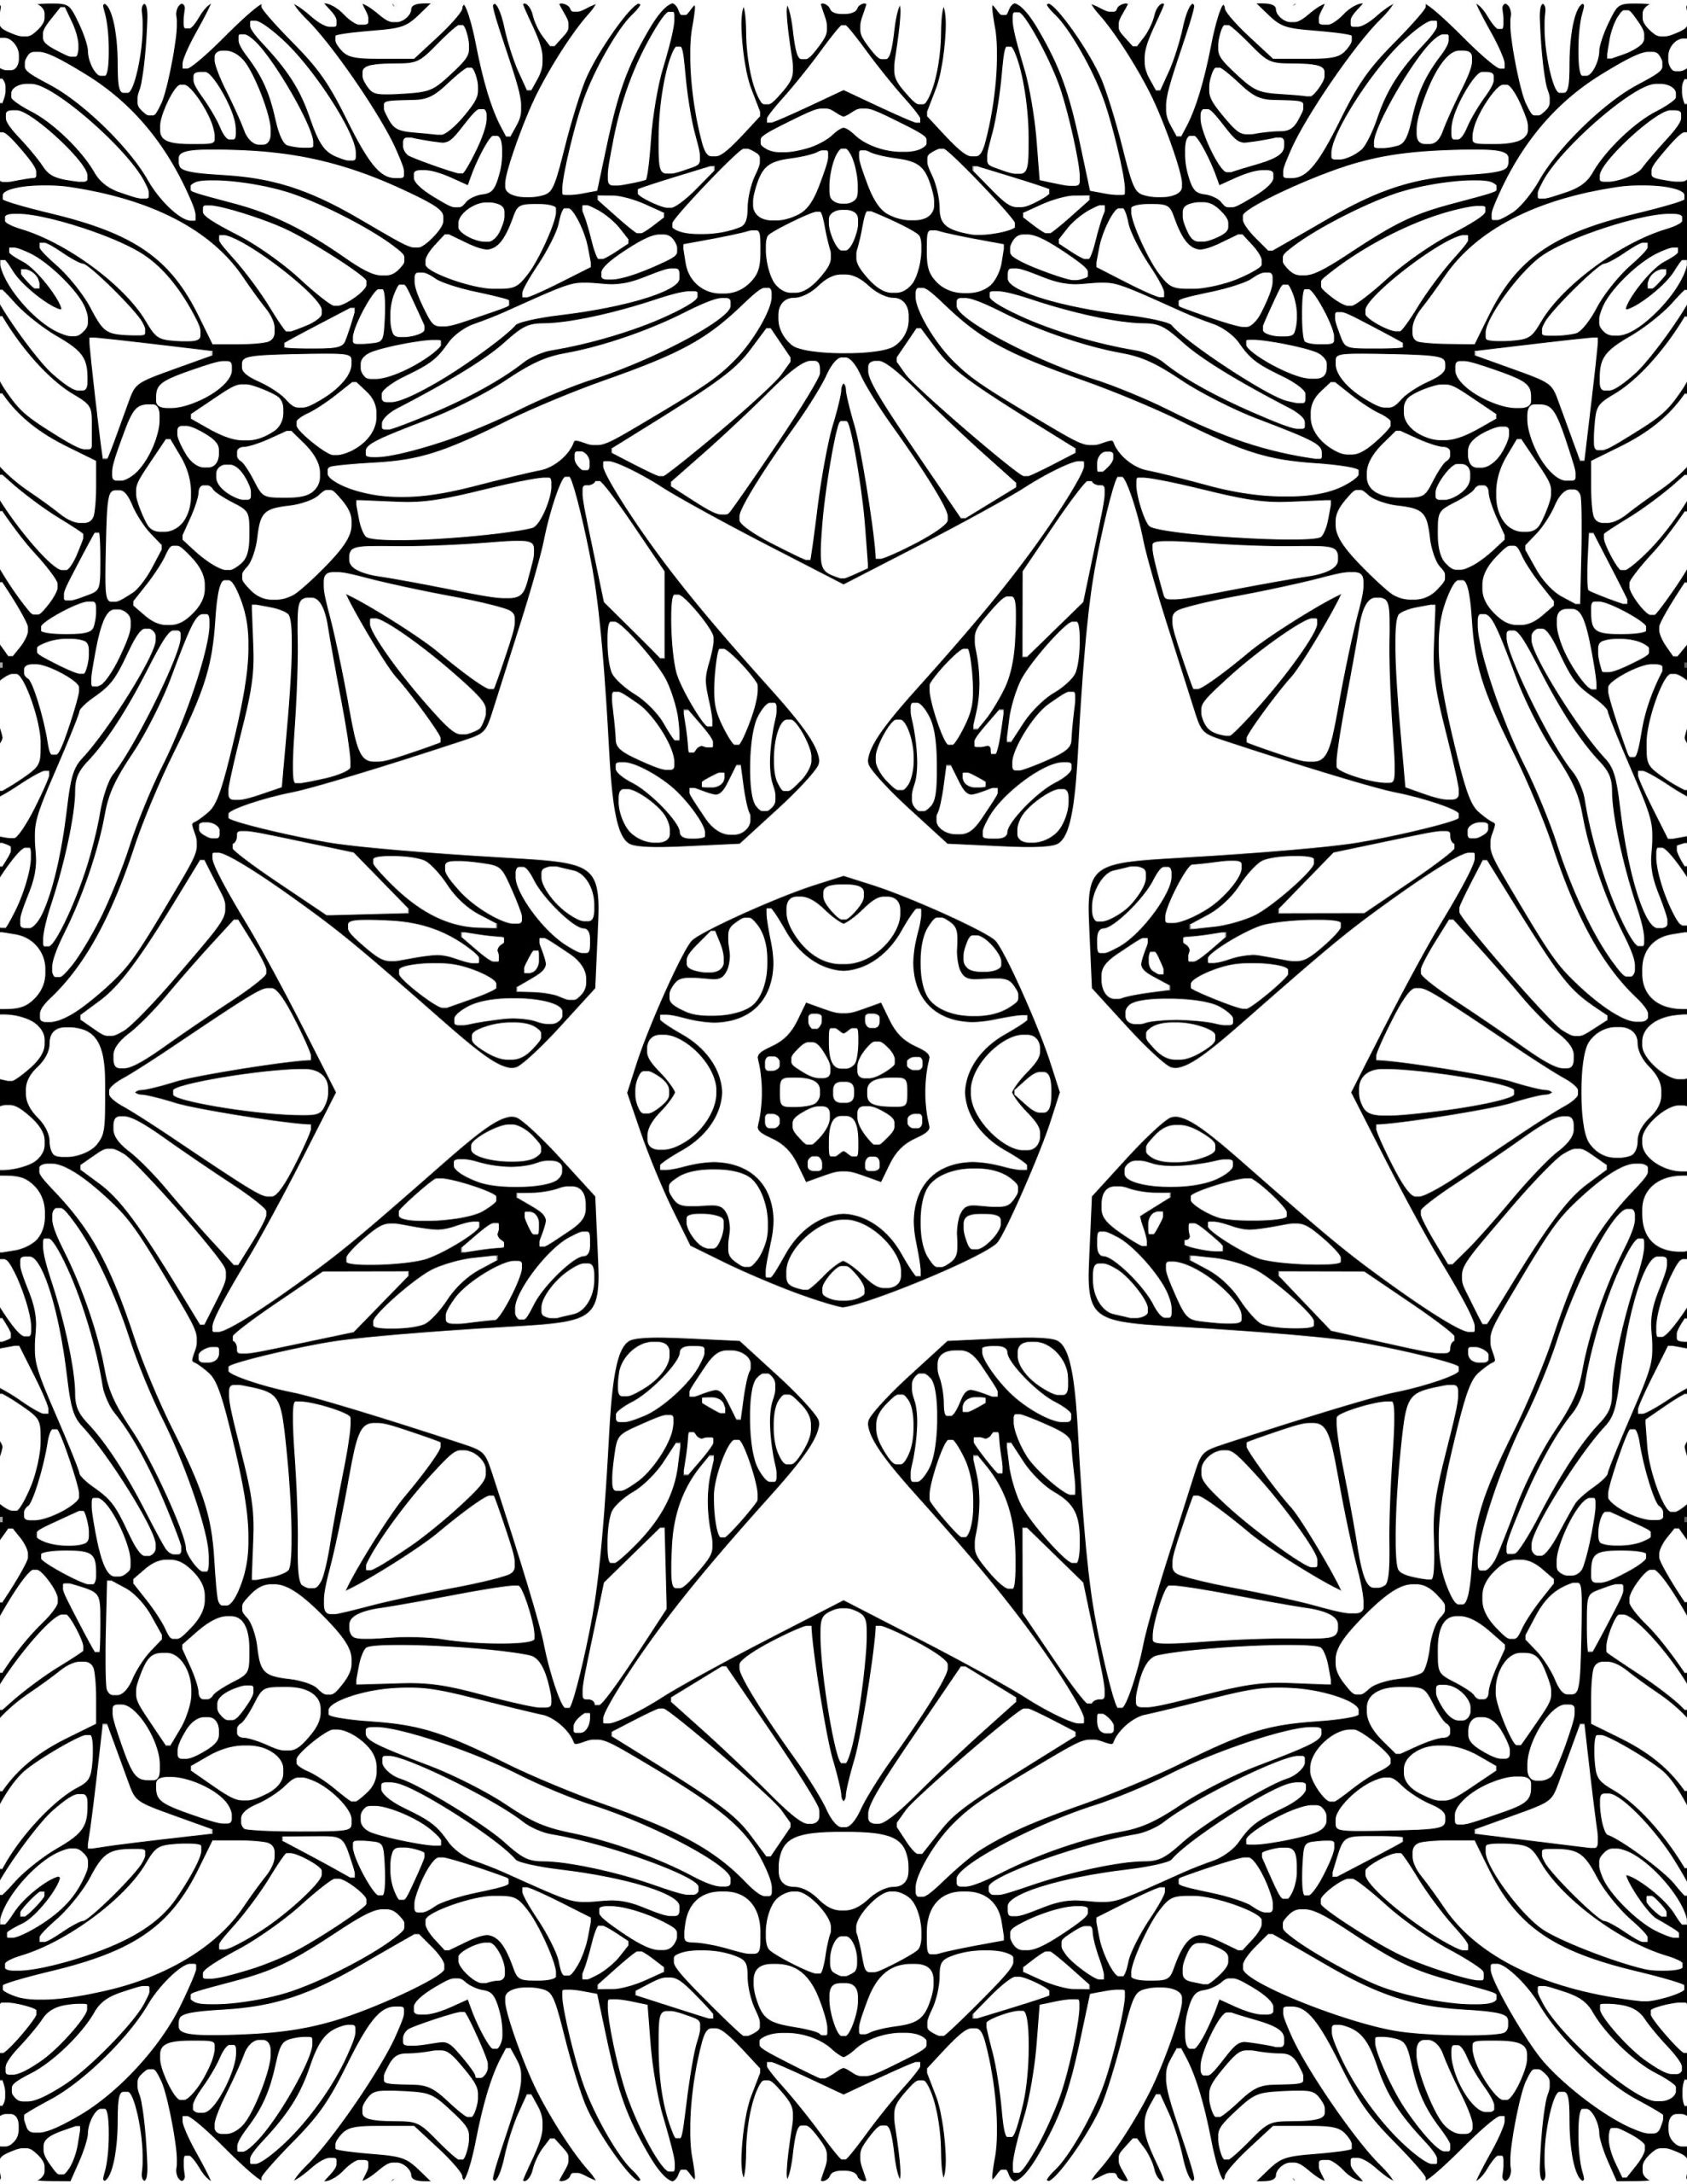 Mandala Ausmalen Für Erwachsene - Ausmalbilder Kostenlos mit Mandalas Für Erwachsene Zum Ausmalen